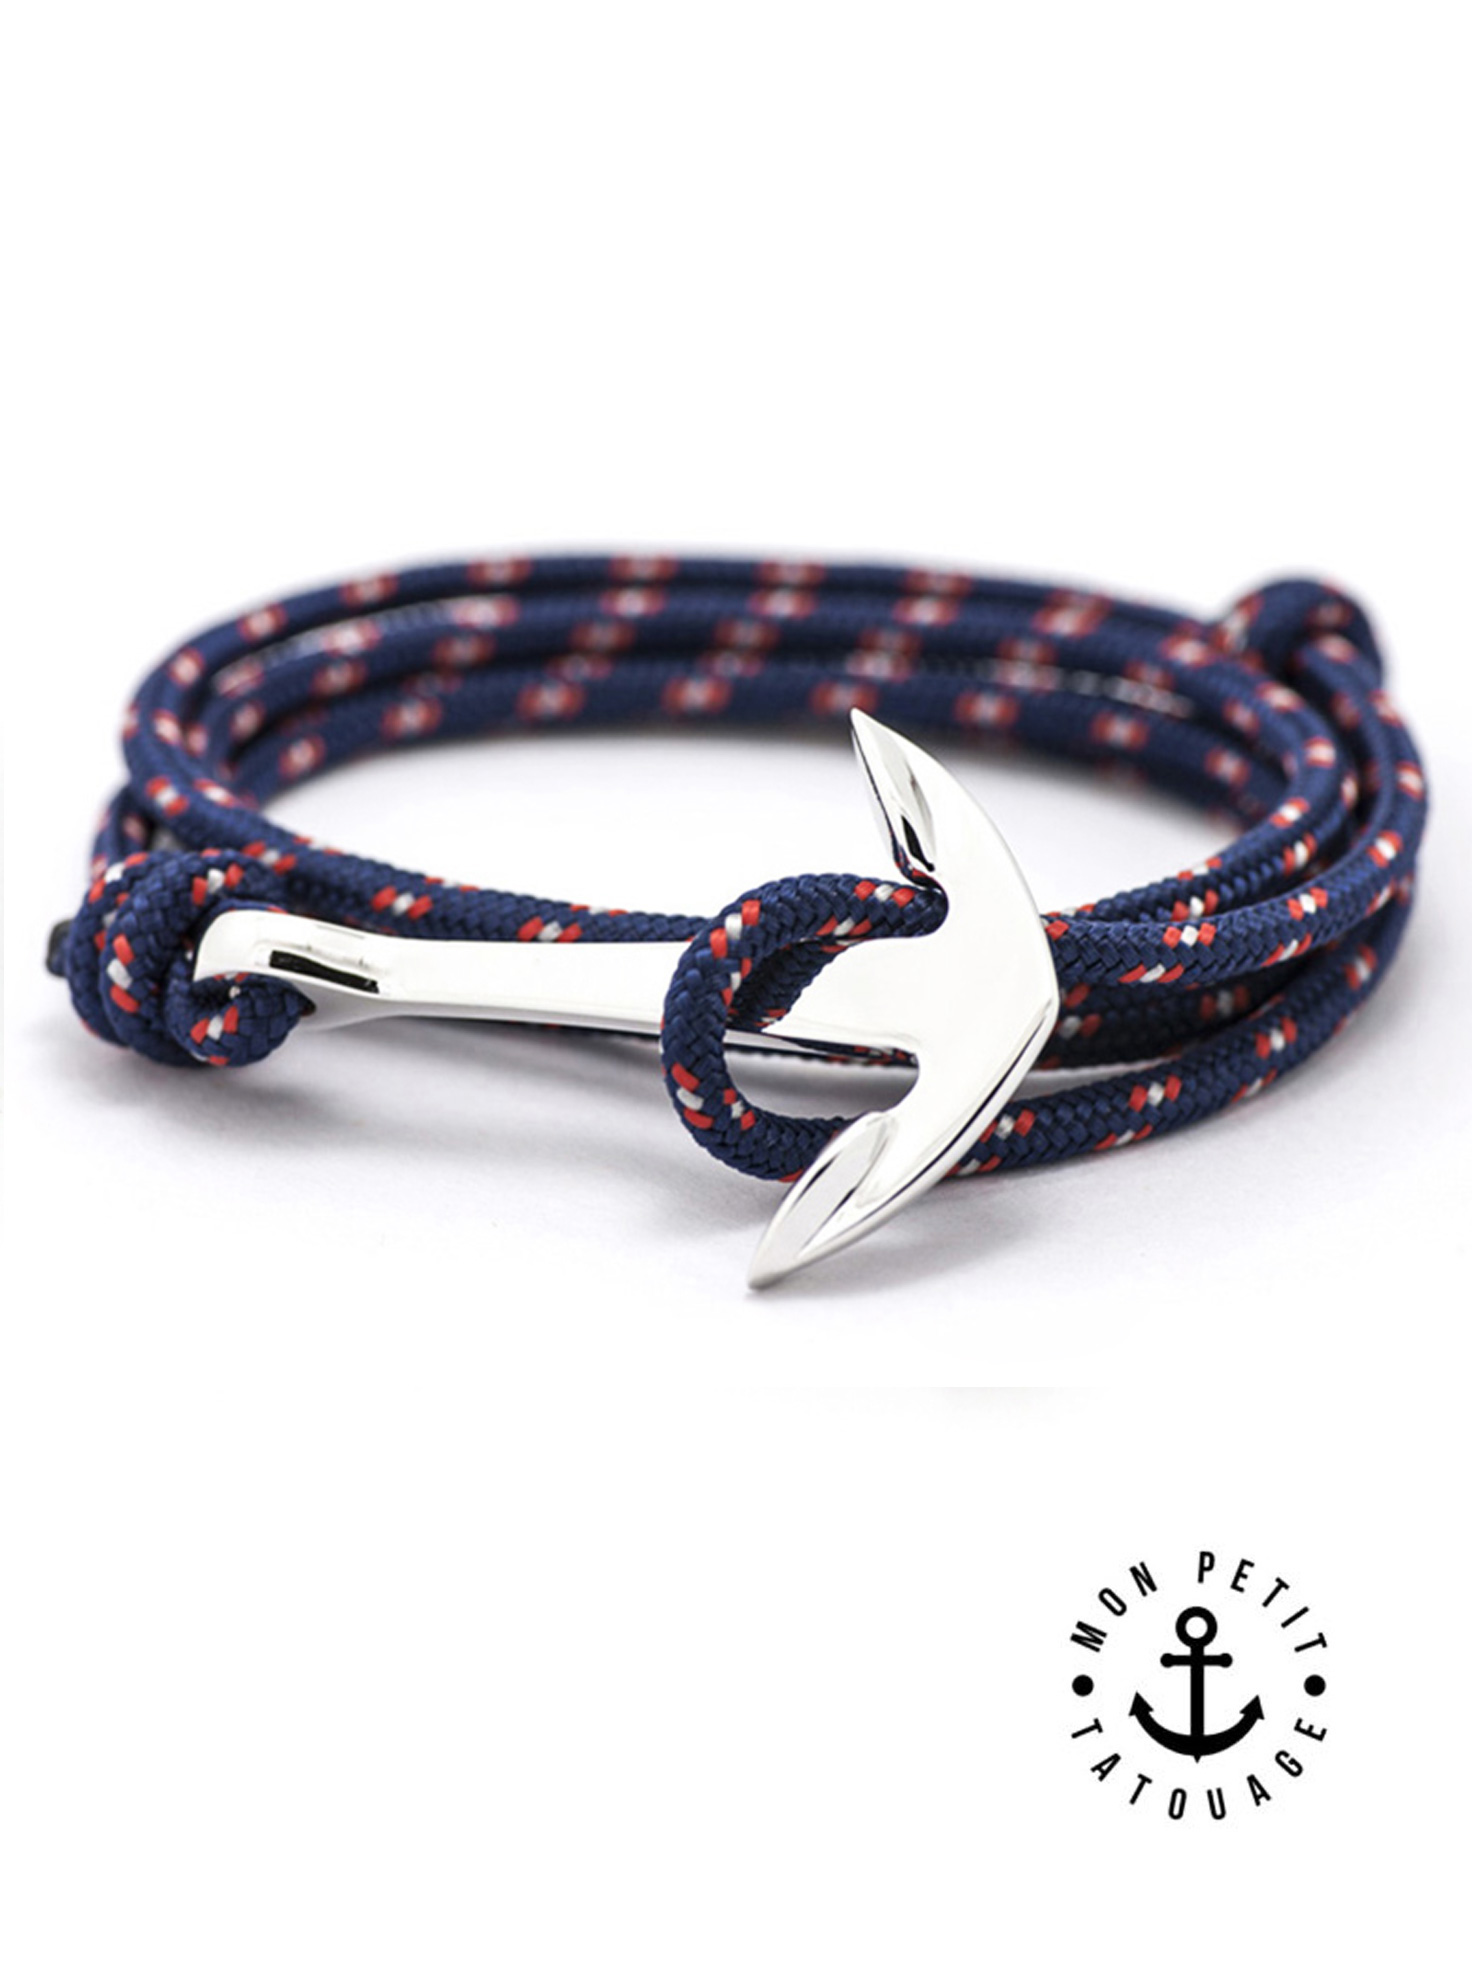 bracelet bleu ancre marine argent premium r glable mon petit tatouage temporaire. Black Bedroom Furniture Sets. Home Design Ideas